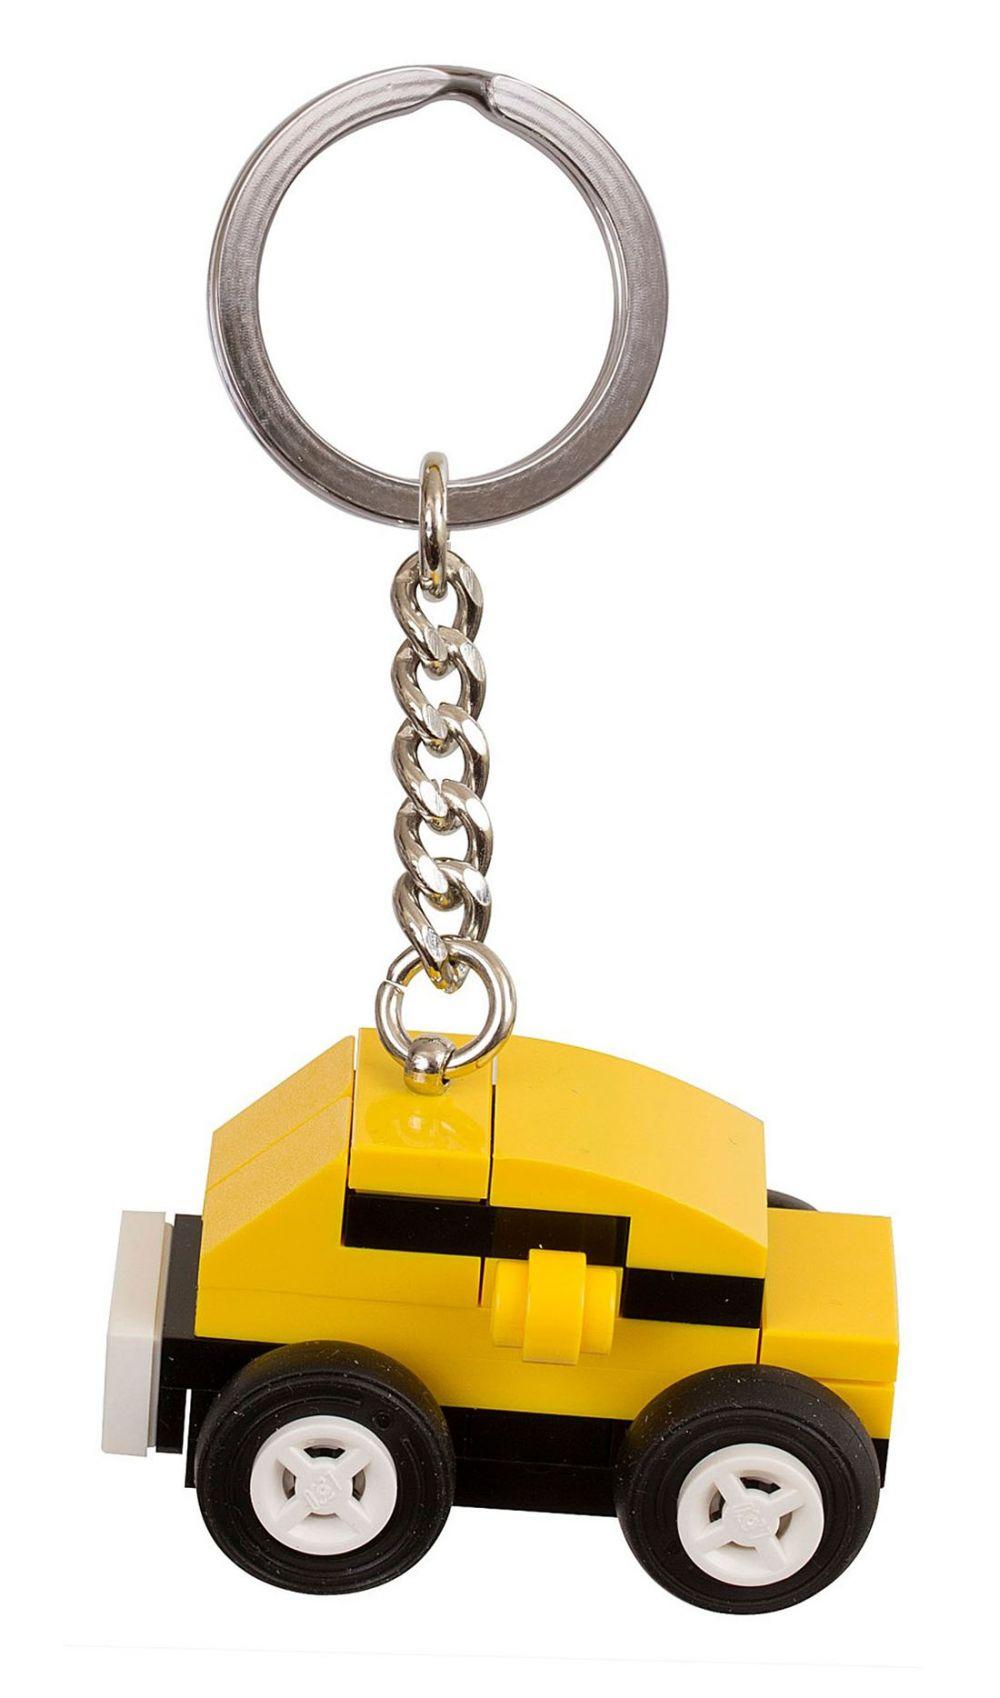 lego porte cl s 853573 pas cher porte bonheur voiture jaune lego. Black Bedroom Furniture Sets. Home Design Ideas